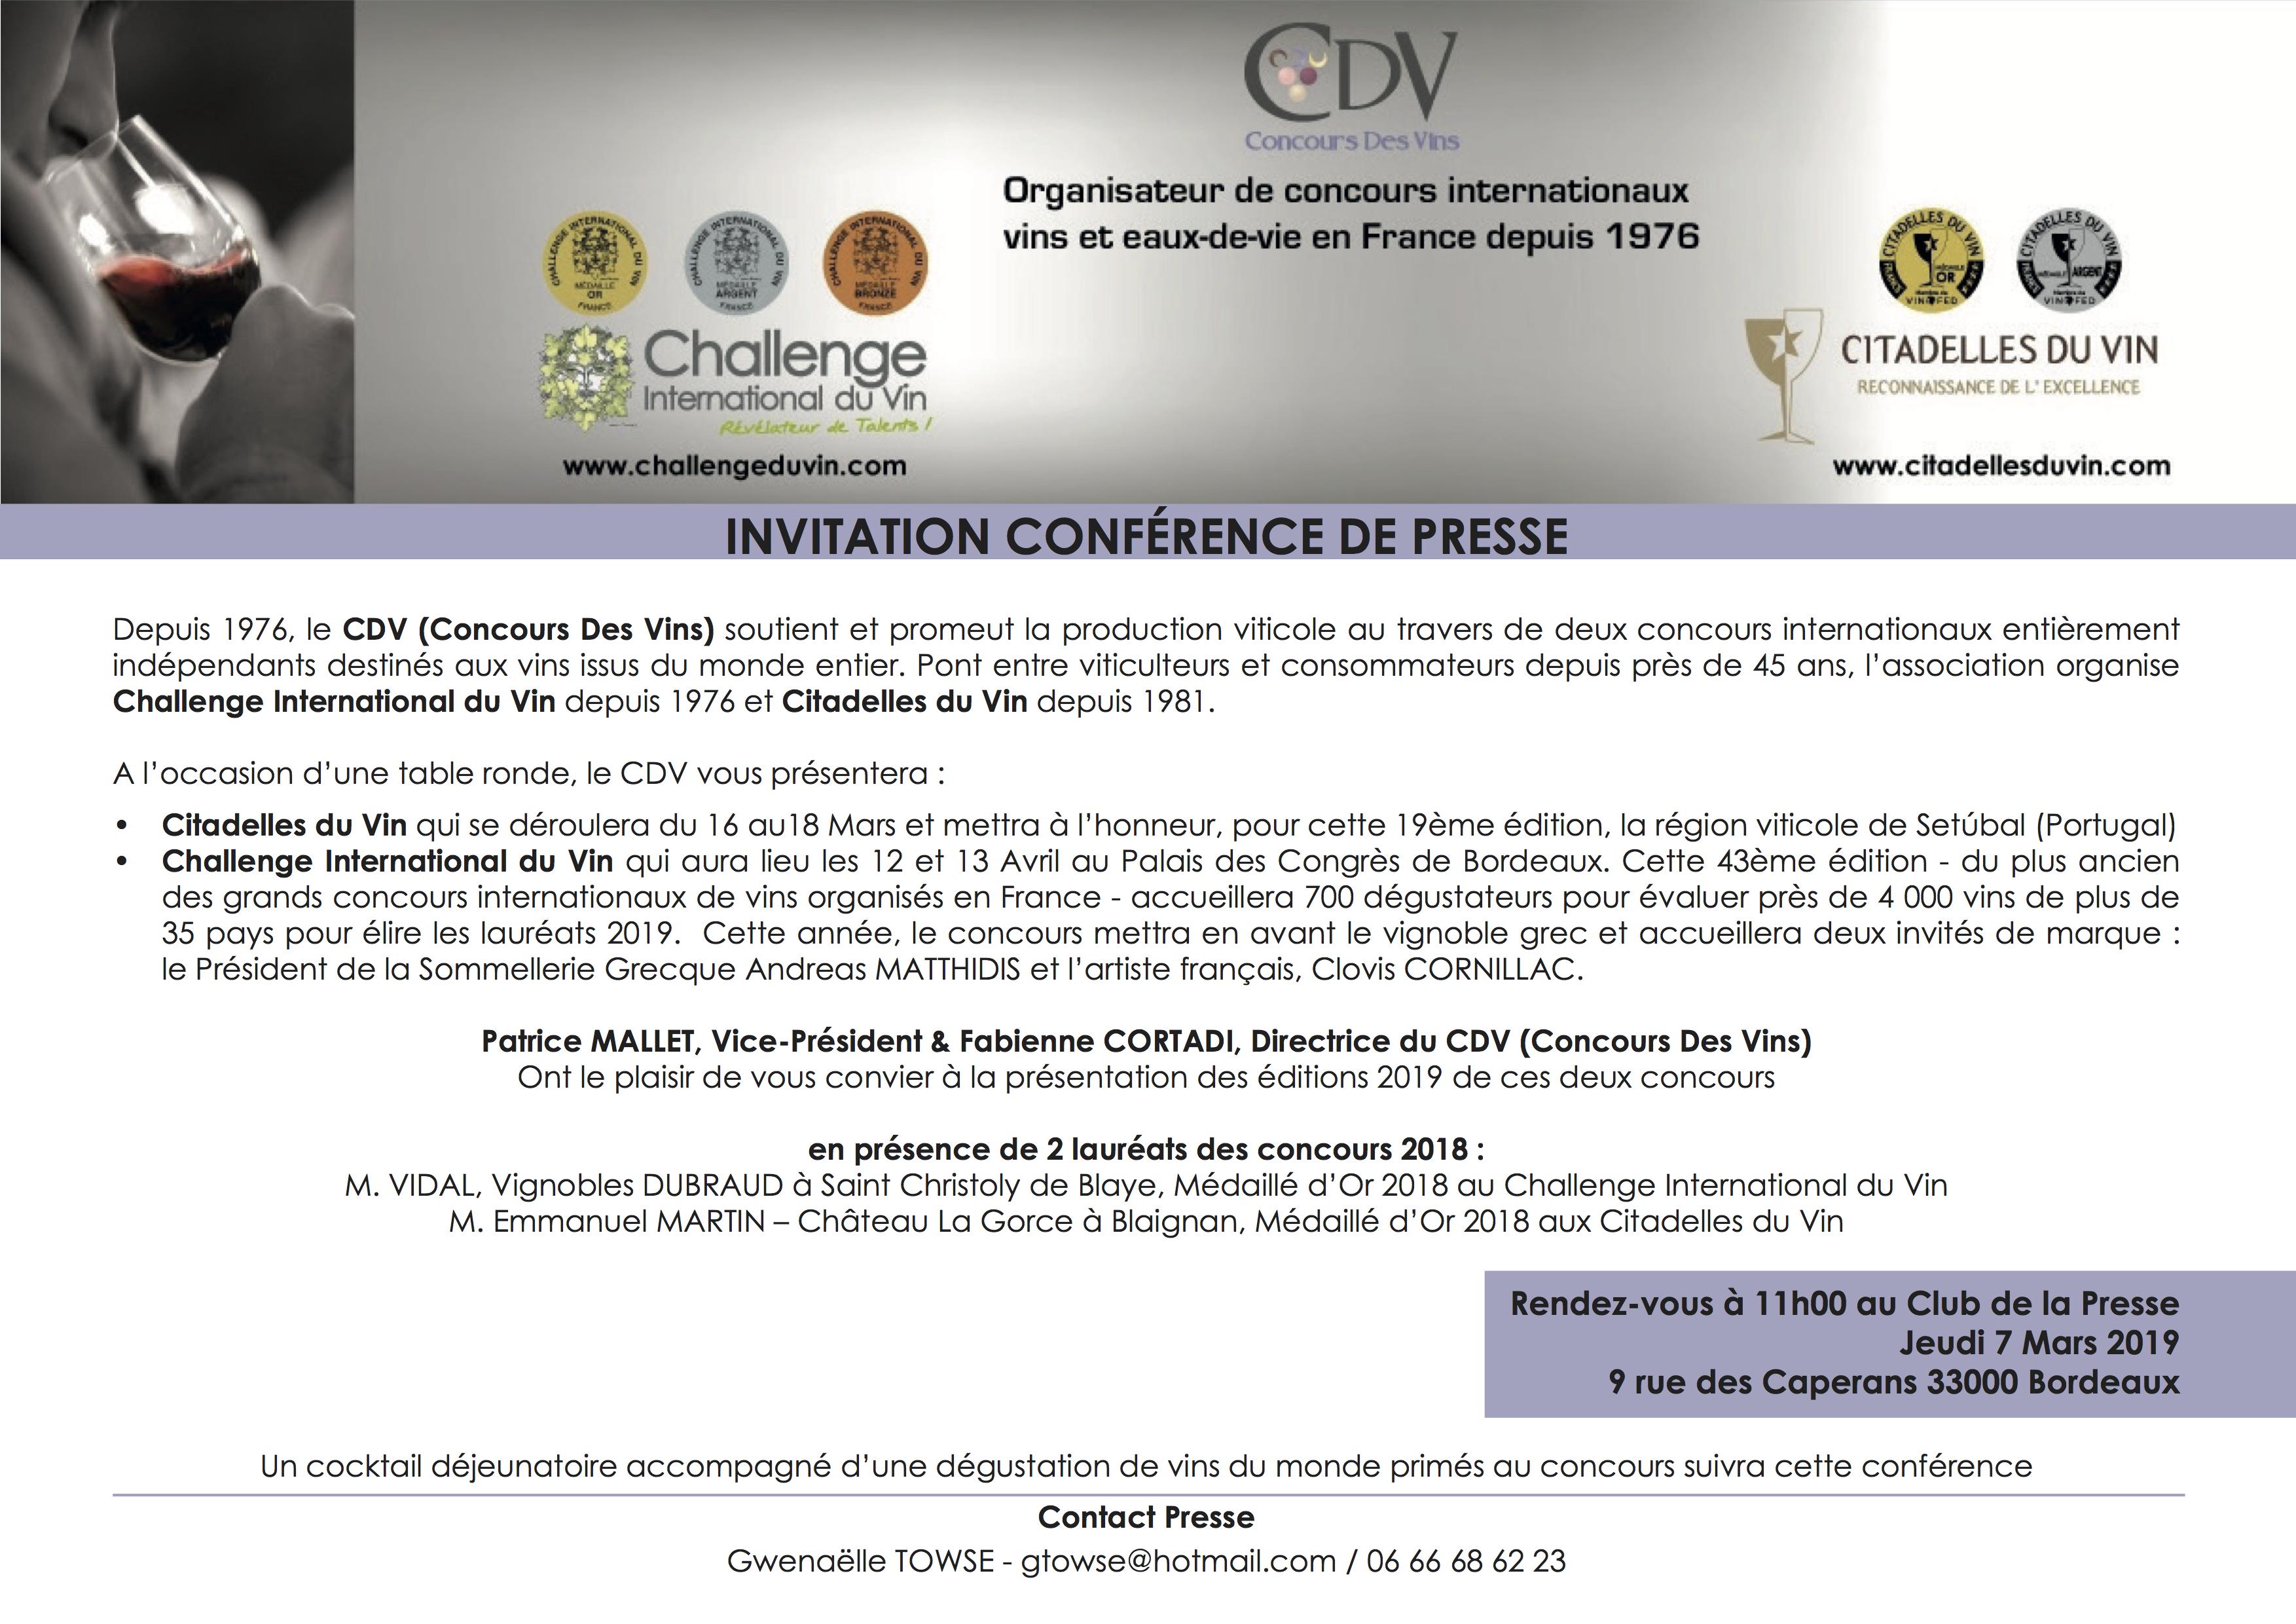 invitation-conference-de-presse-cdv